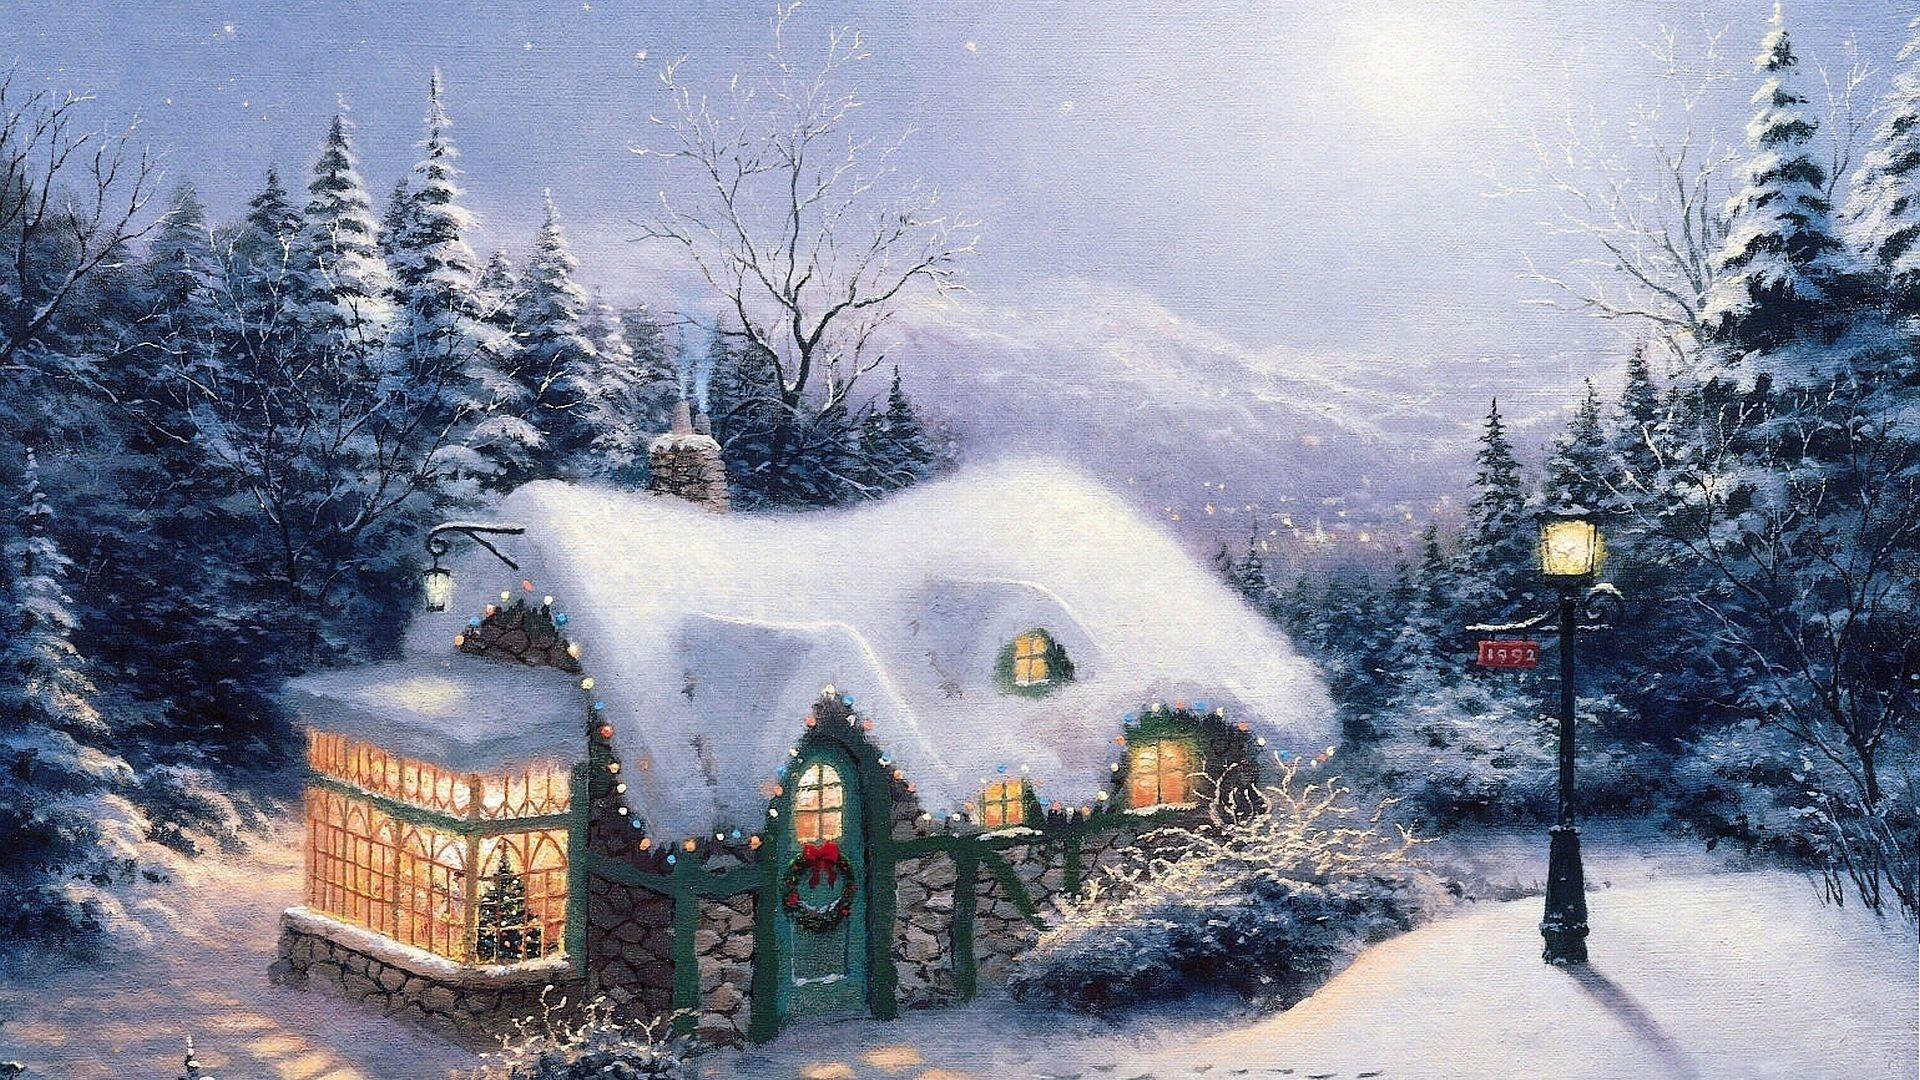 weihnachten hd wallpaper hintergrund 1920x1080 id. Black Bedroom Furniture Sets. Home Design Ideas